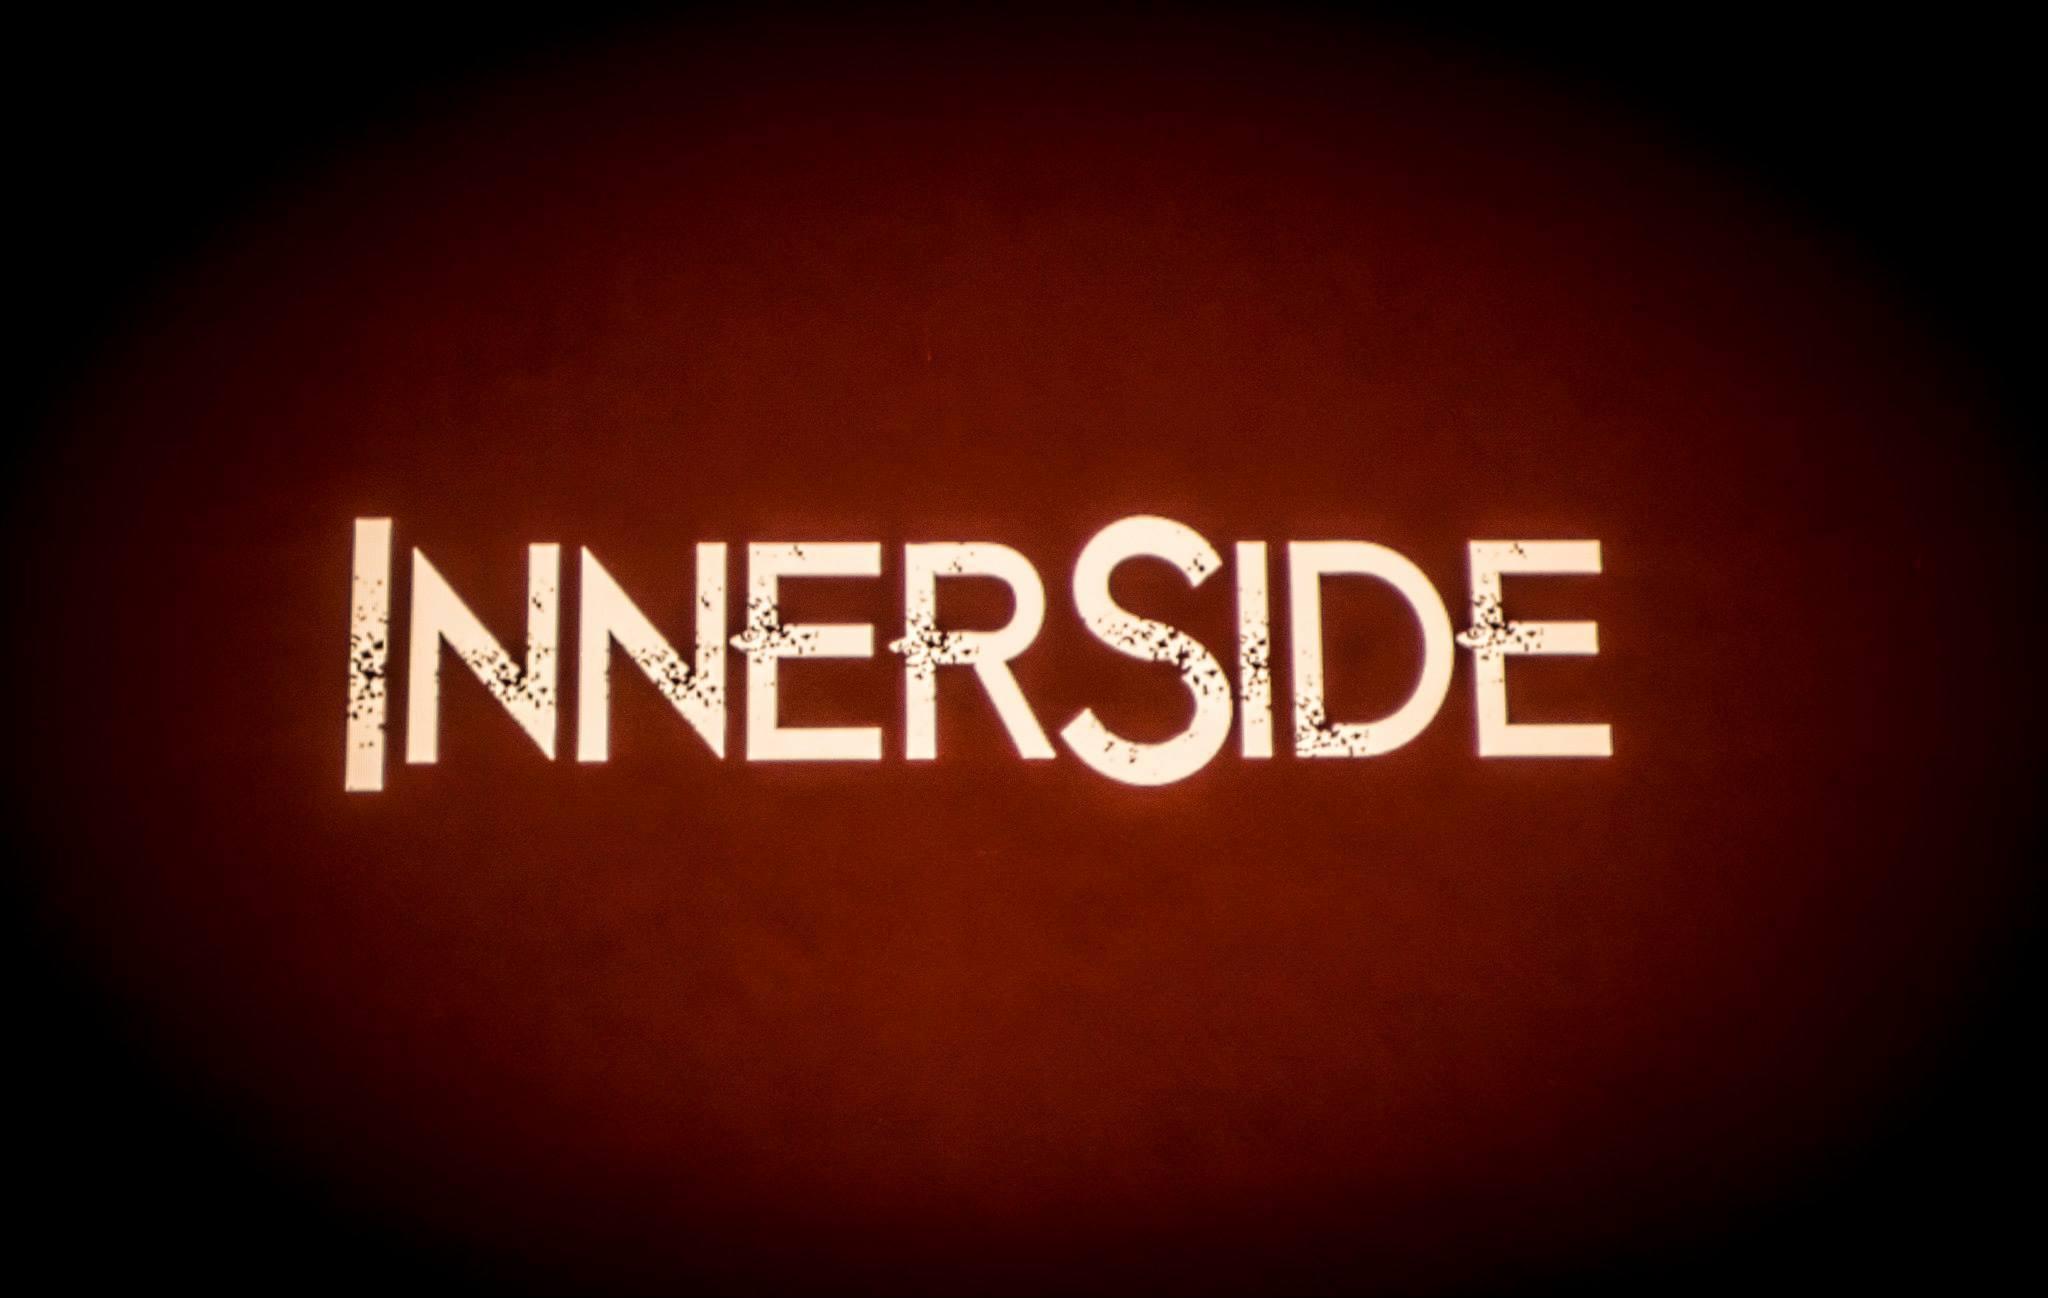 InnerSide